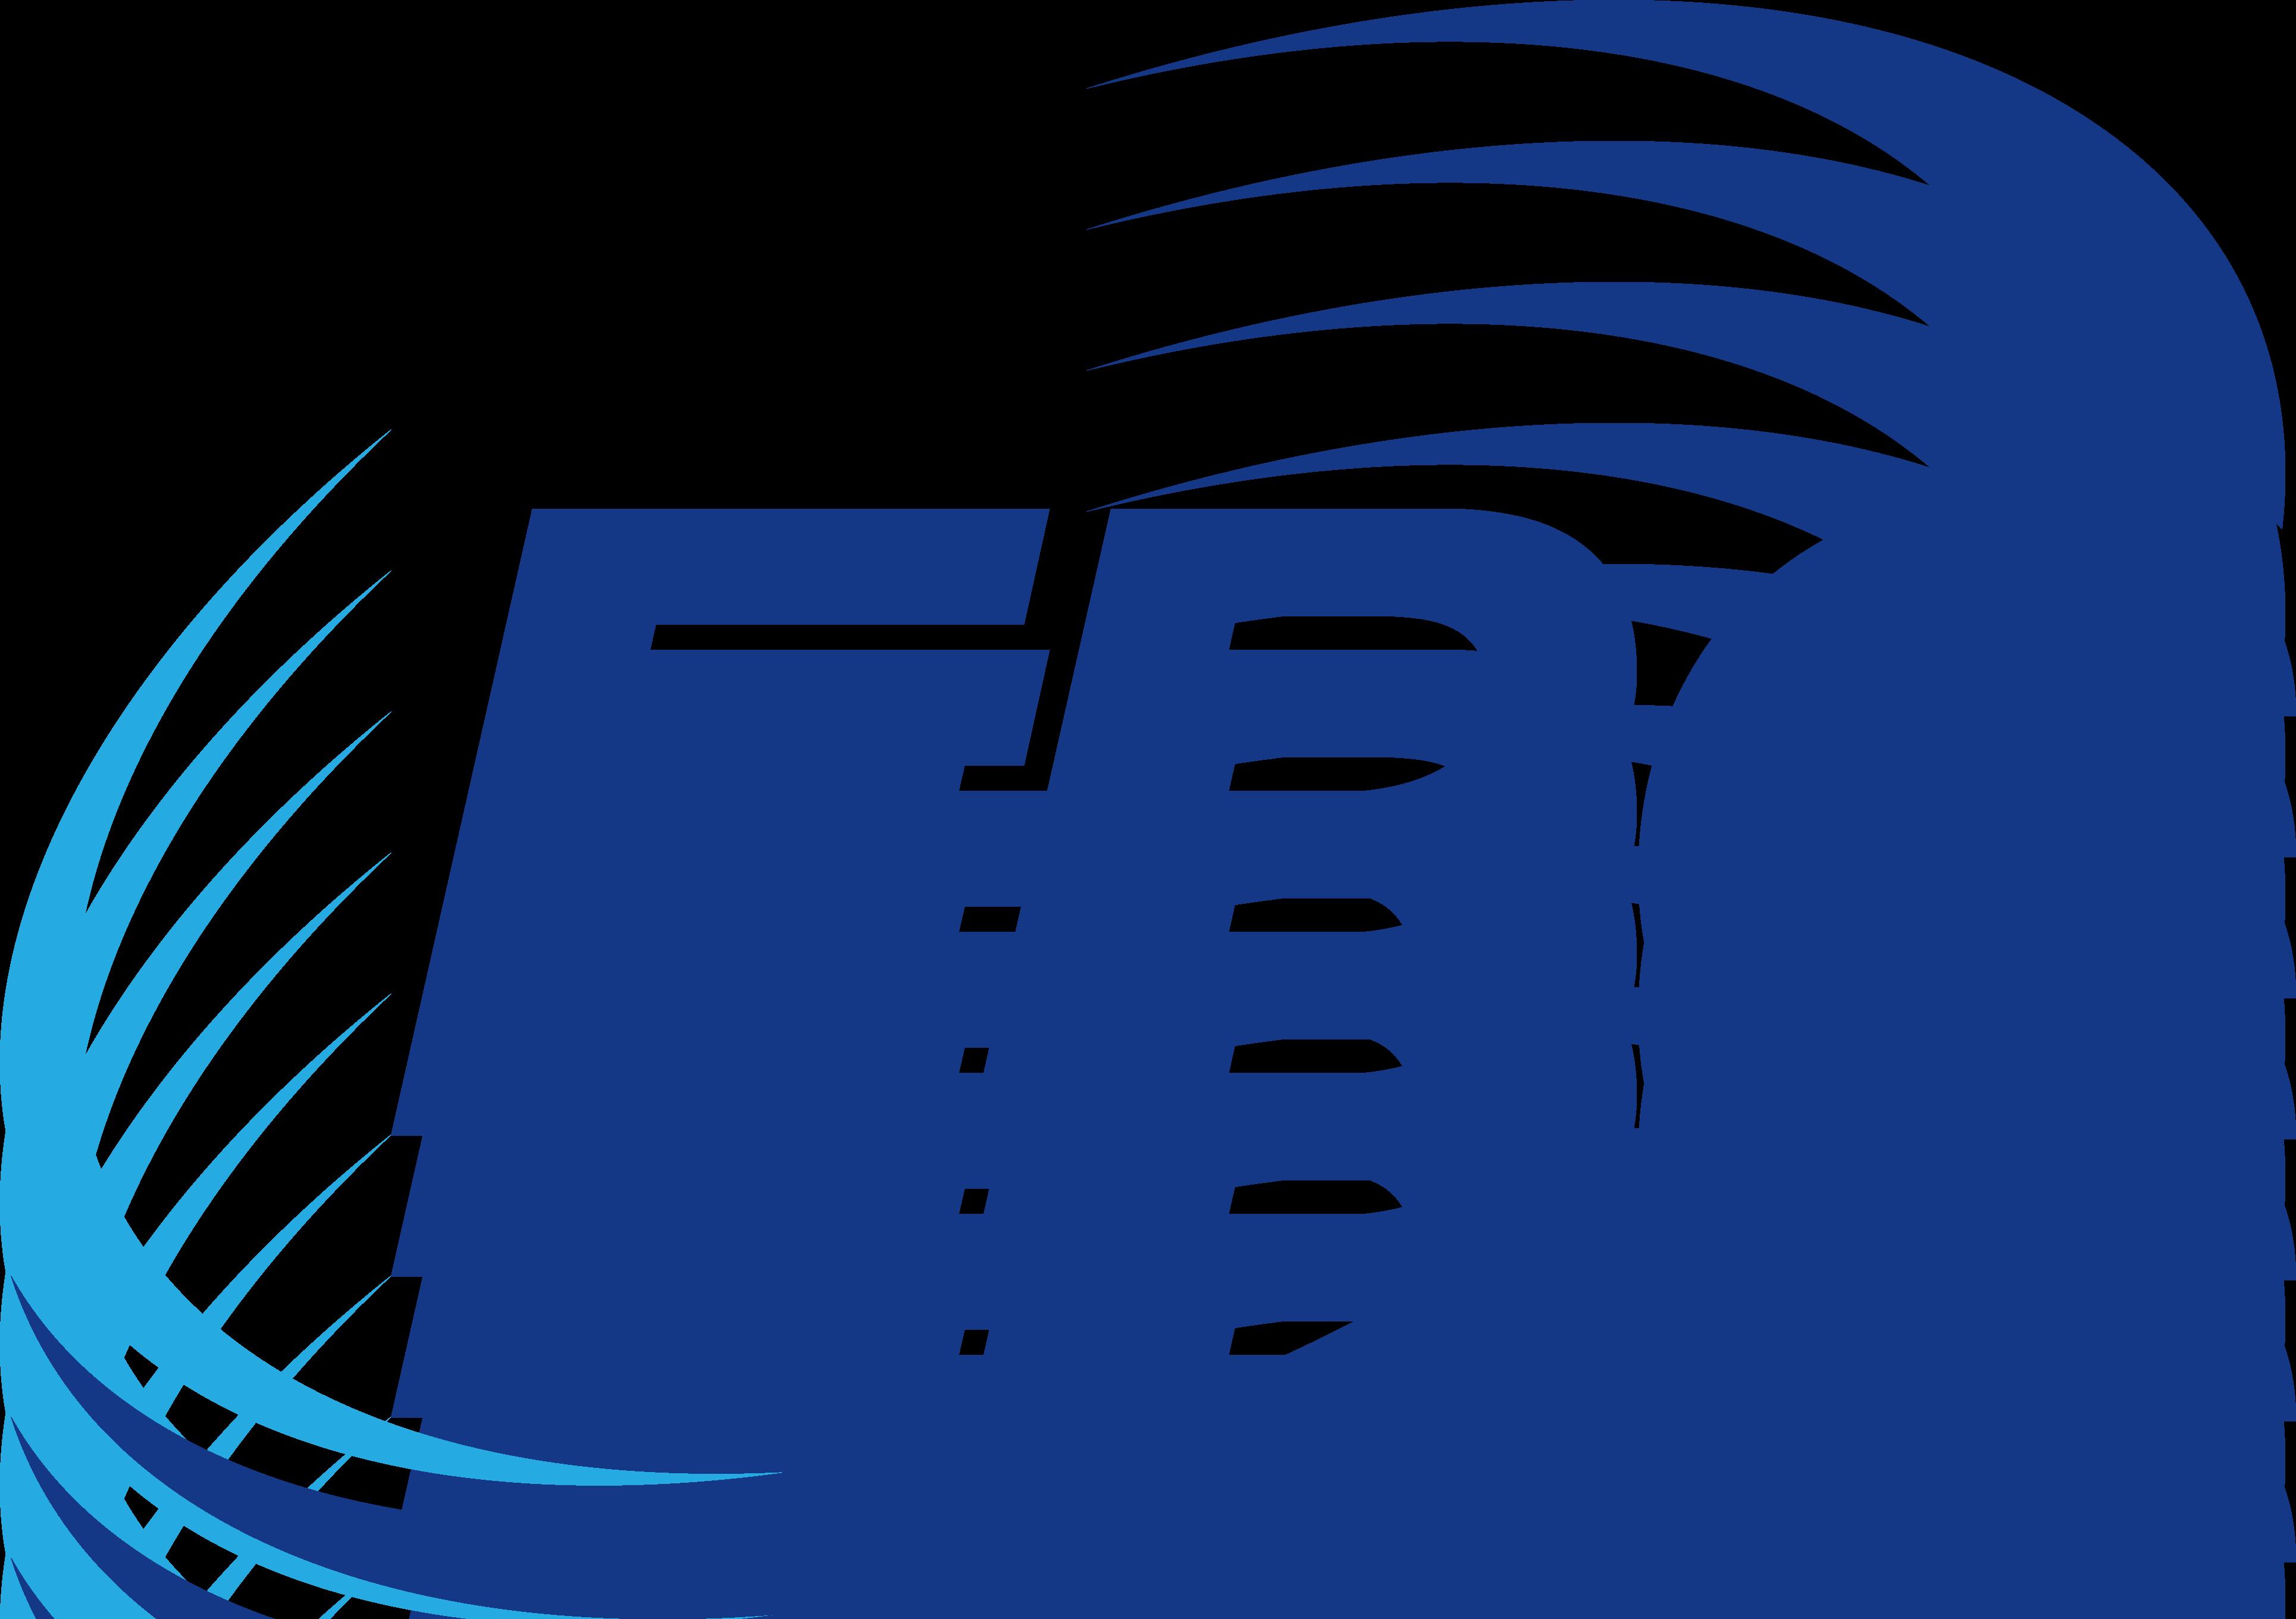 ERG, Inc